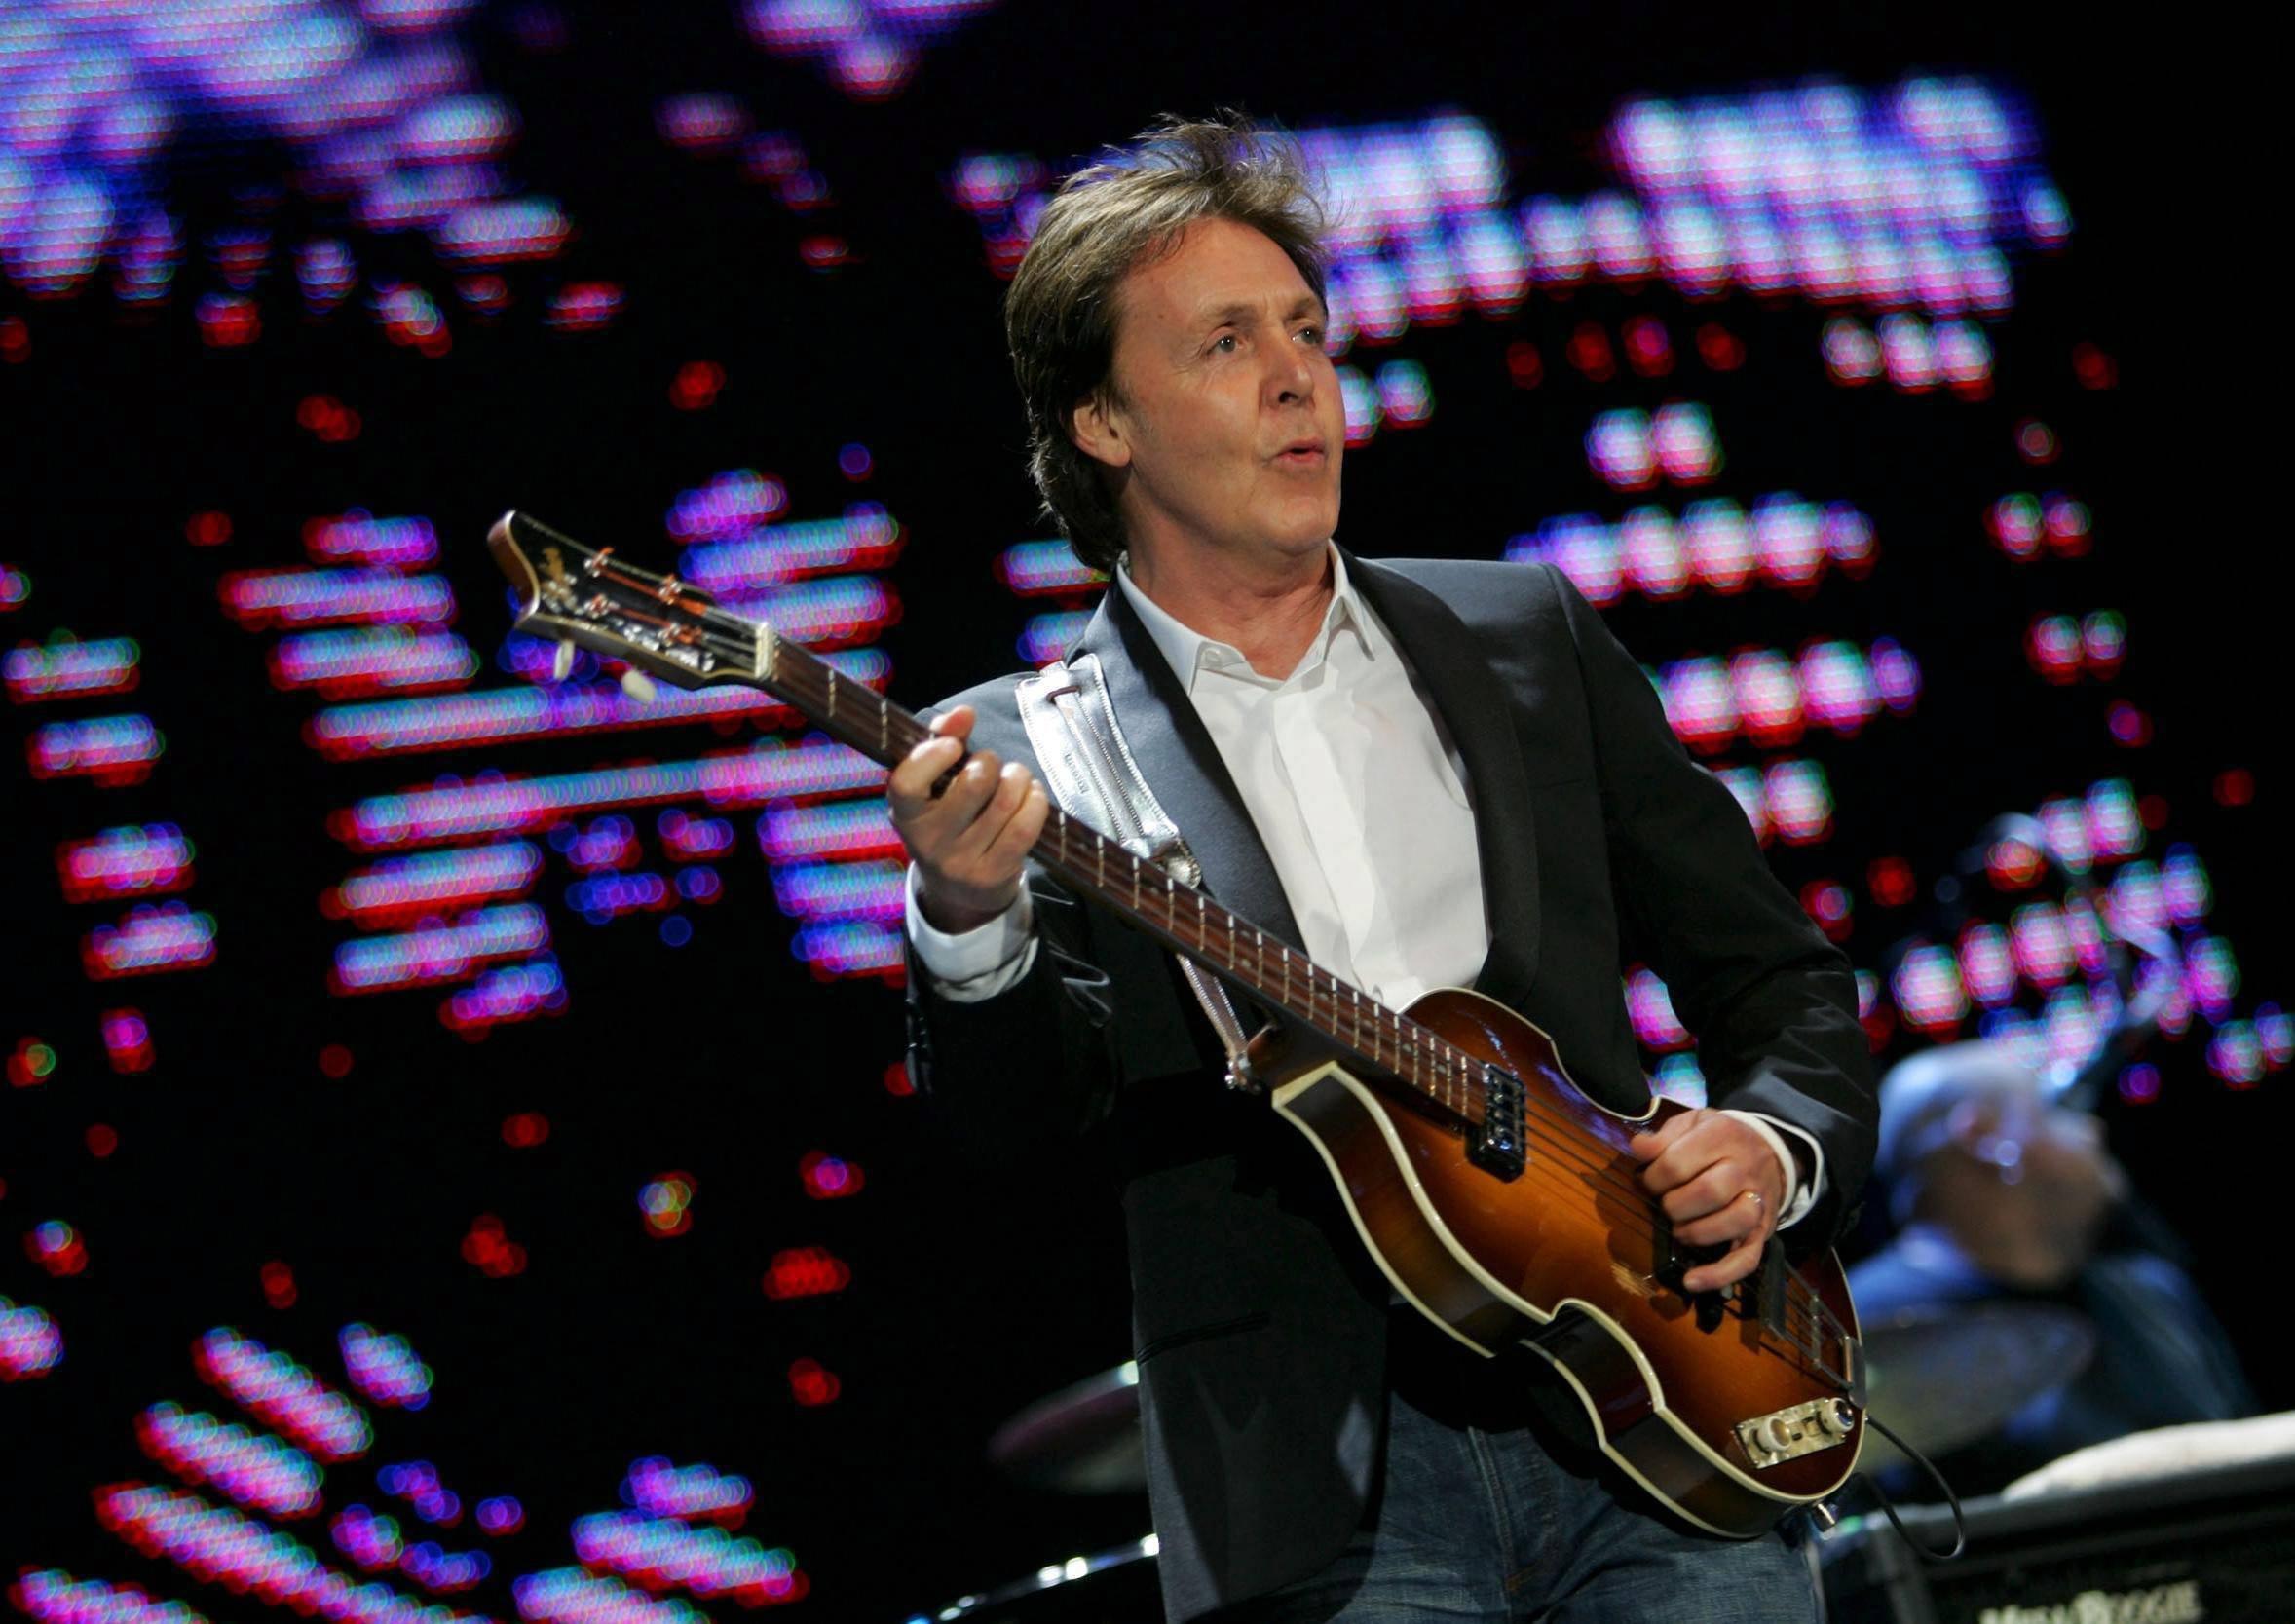 En solo ou à plusieurs, Paul McCartney toujours aussi efficace.